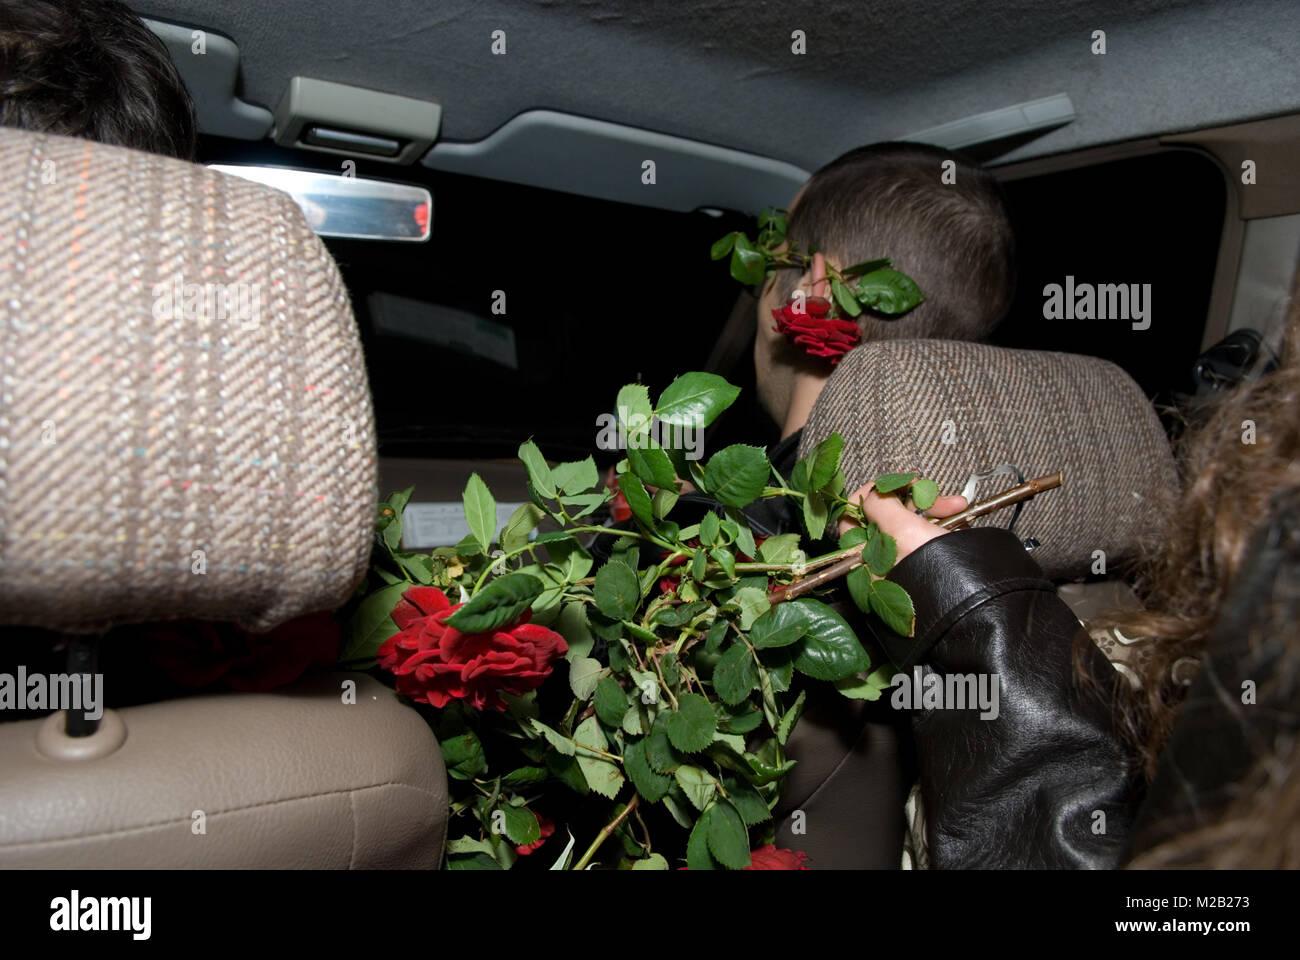 Night Shot der Innenraum mit einer Frau hielt ein Bündel Rosen zu männlichen Fluggast, hat eine Rose hinter Stockbild